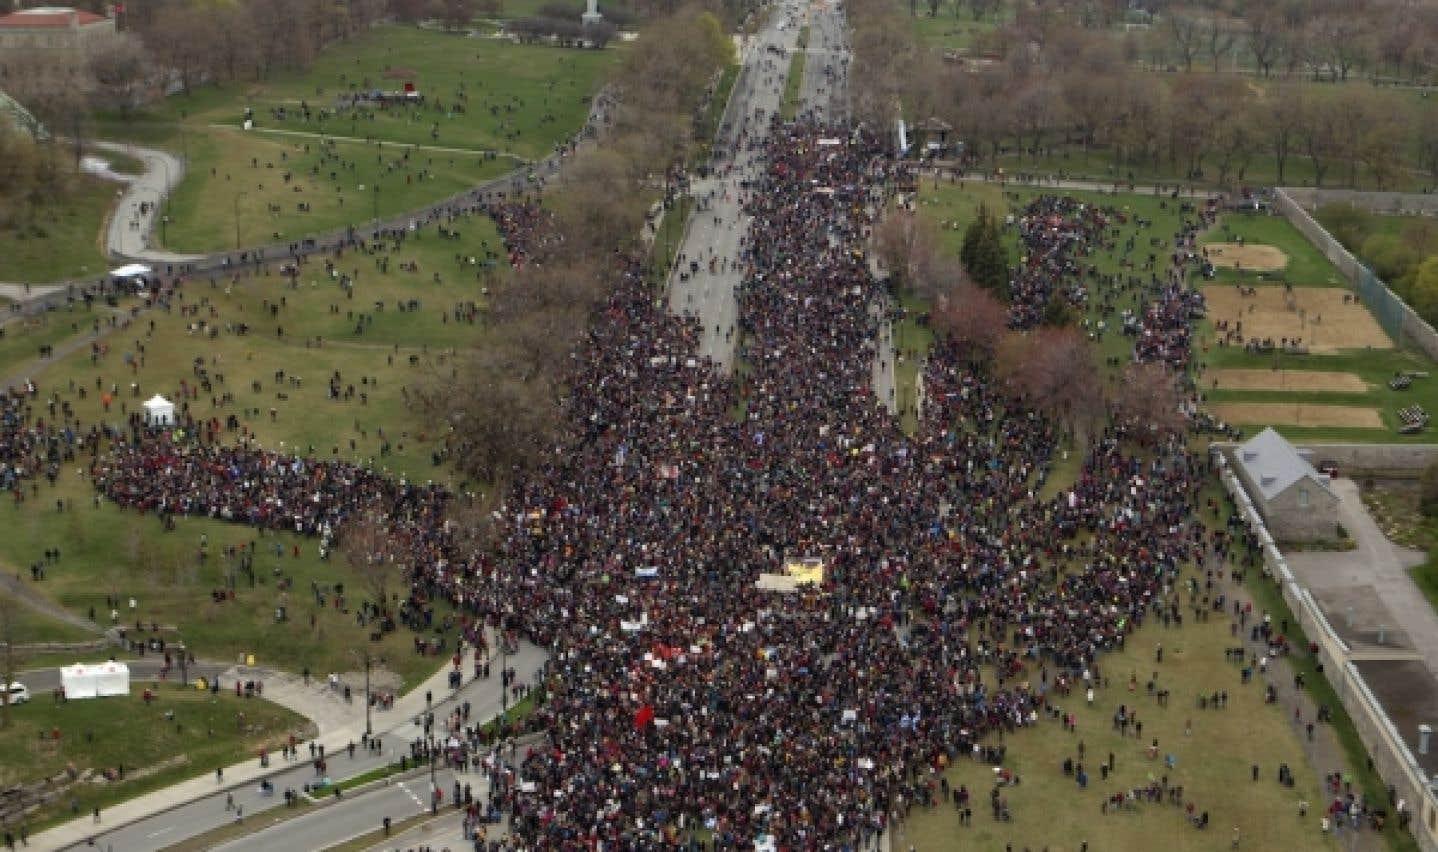 Au parc Jeanne-Mance, la foule a formé une impressionante main humaine.